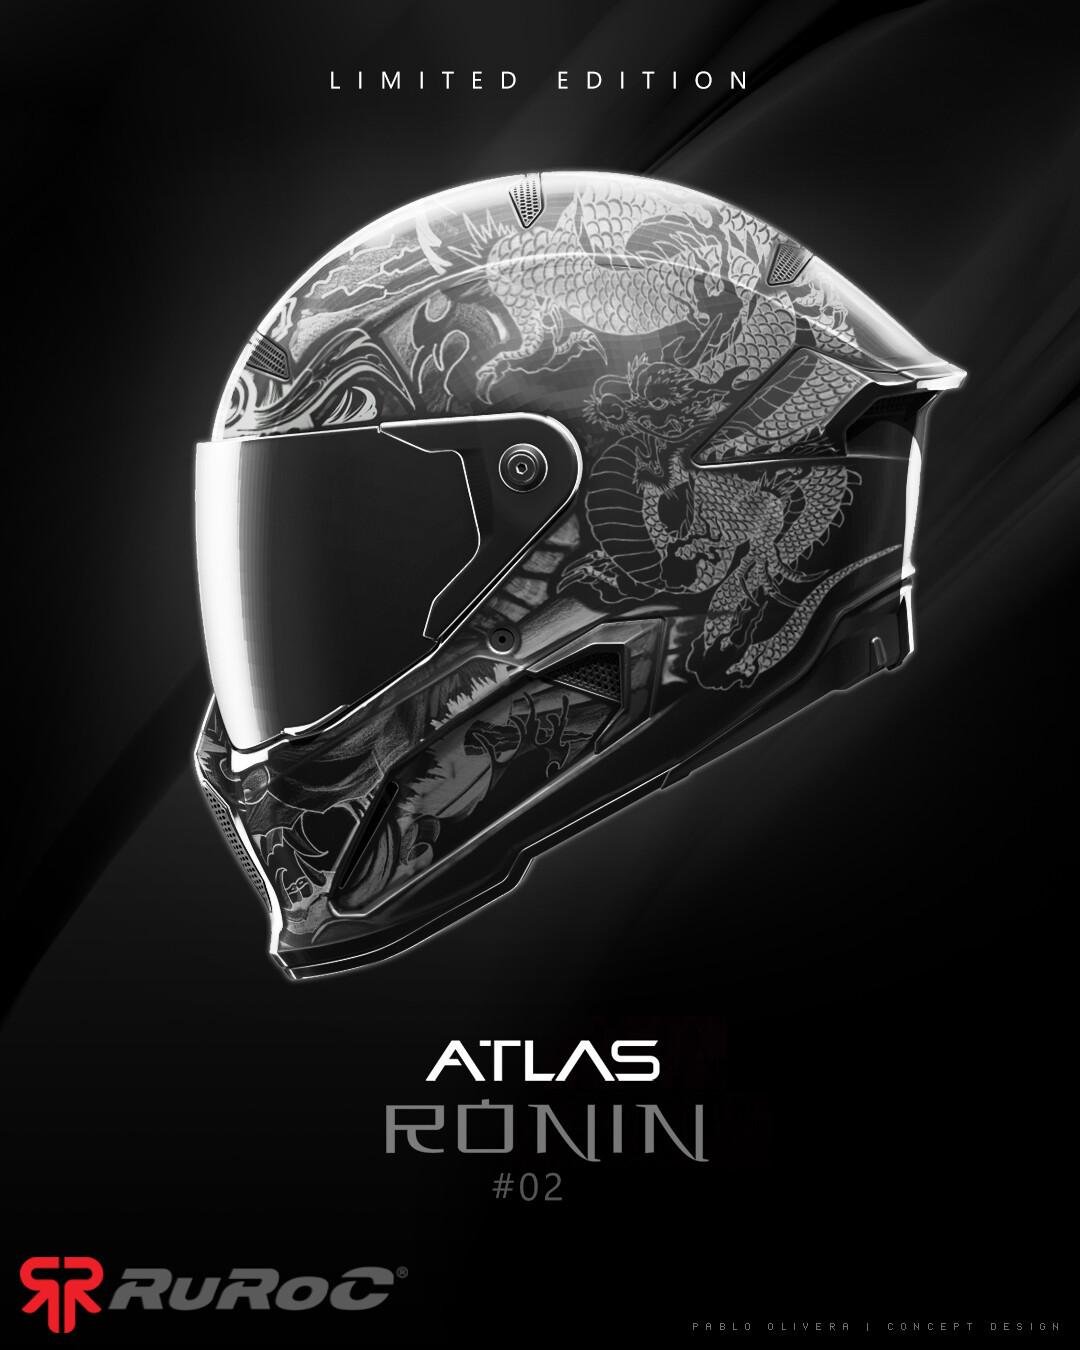 Pablo olivera helmet ruroc limited edition atlas ronin v02